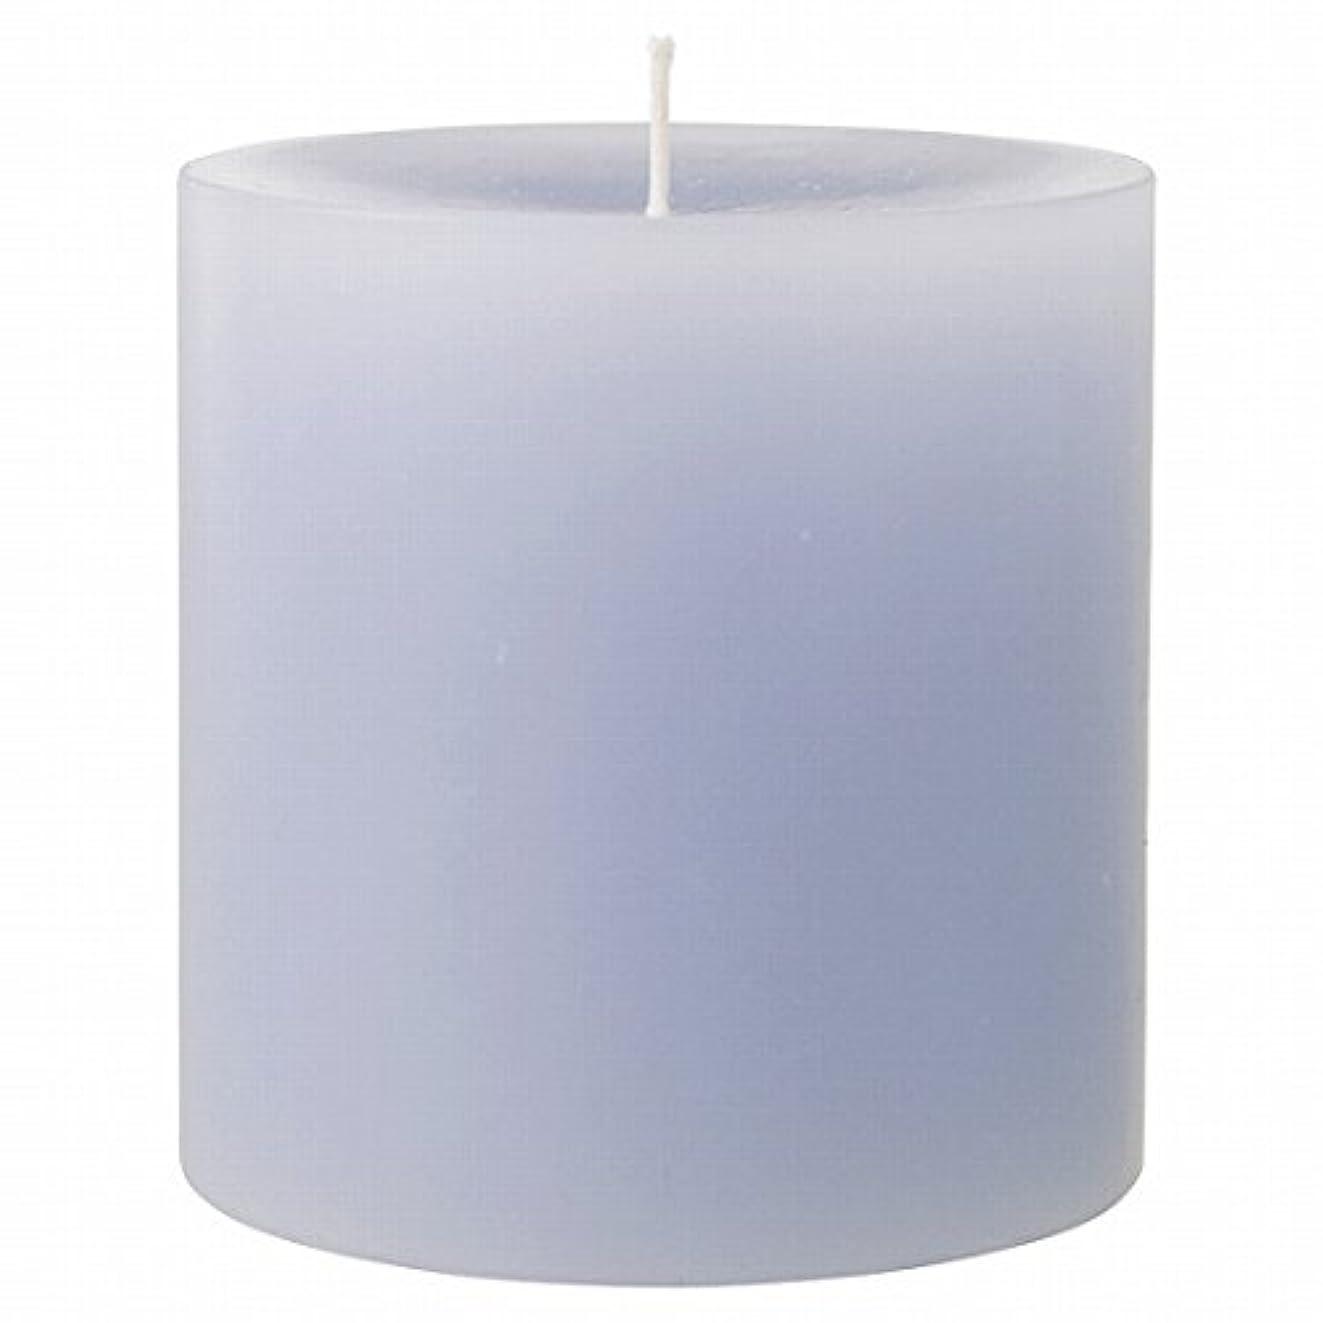 告白四半期航海カメヤマキャンドル(kameyama candle) 75×75ピラーキャンドル 「 グレー 」